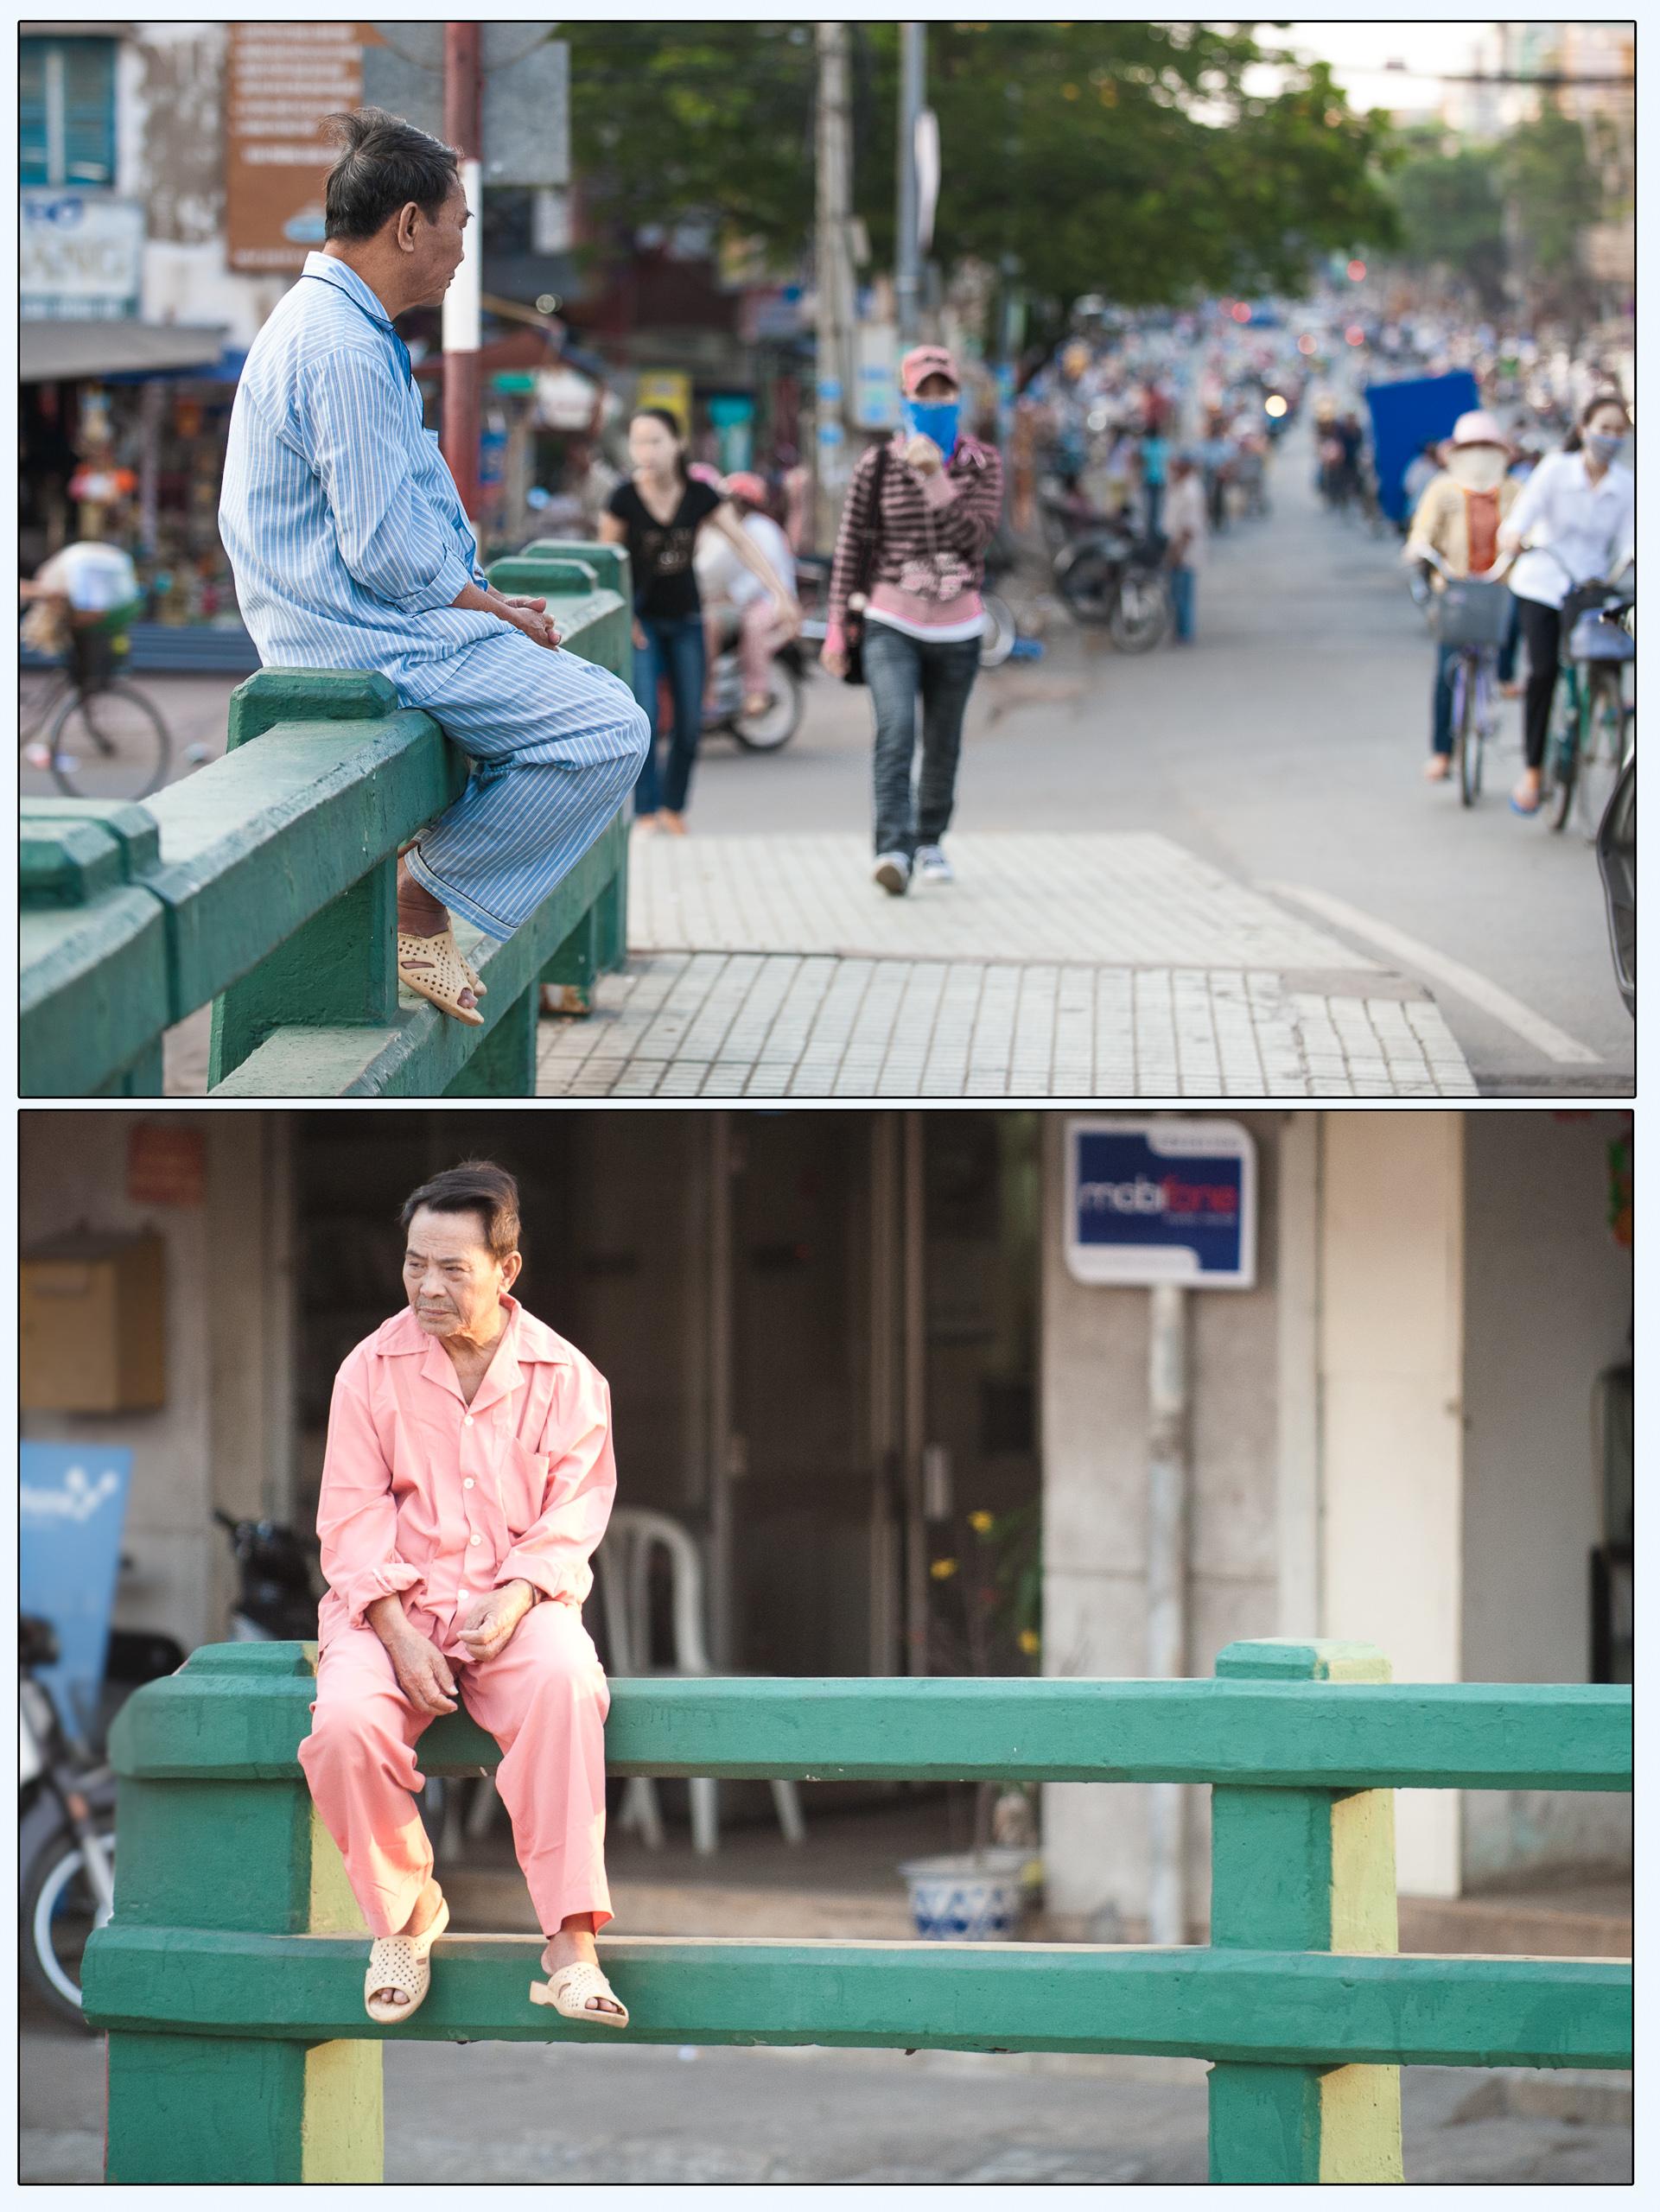 Pajama Man 1 and 2